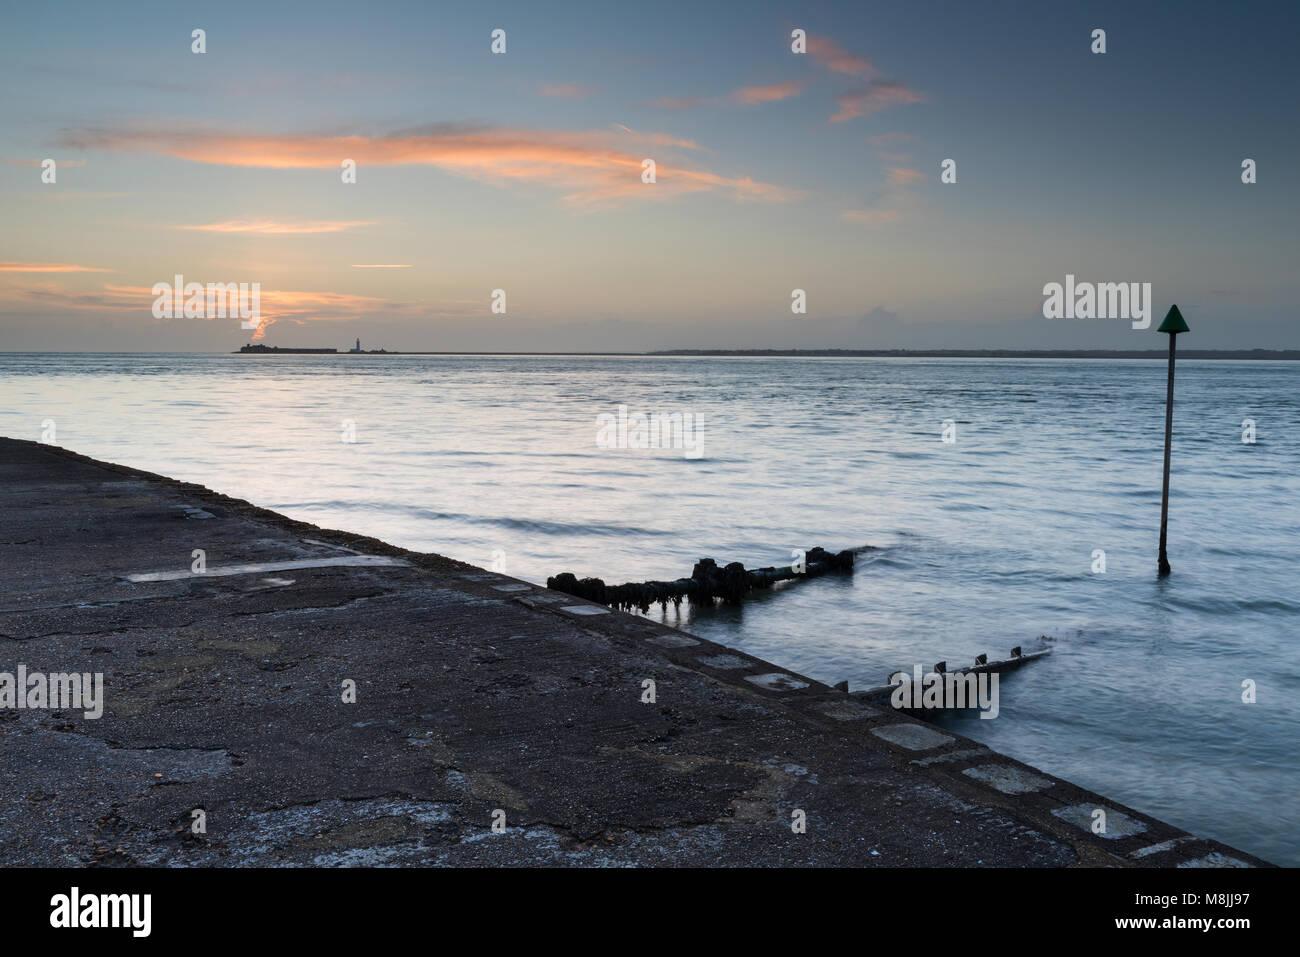 Un hermoso paisaje marino y atmosférico o el paisaje de la costa de la isla de Wight con castillo Hurst y keyhaven Imagen De Stock